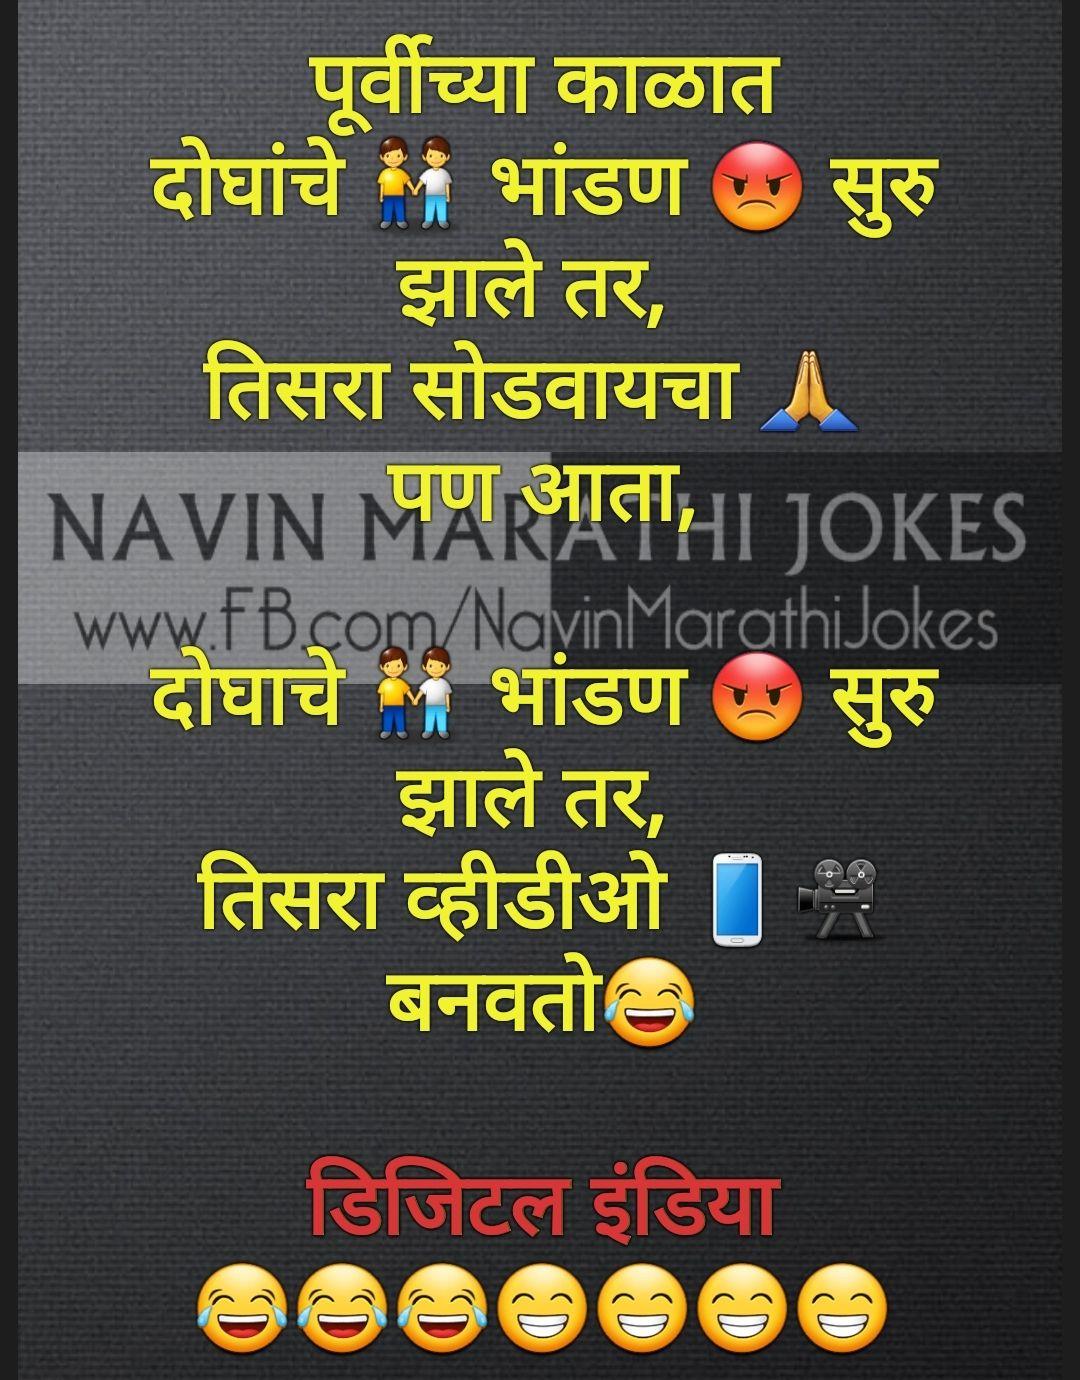 Funny Marathi Jokes In English : funny, marathi, jokes, english, Funny, Jokes, Marathi, Images, Share